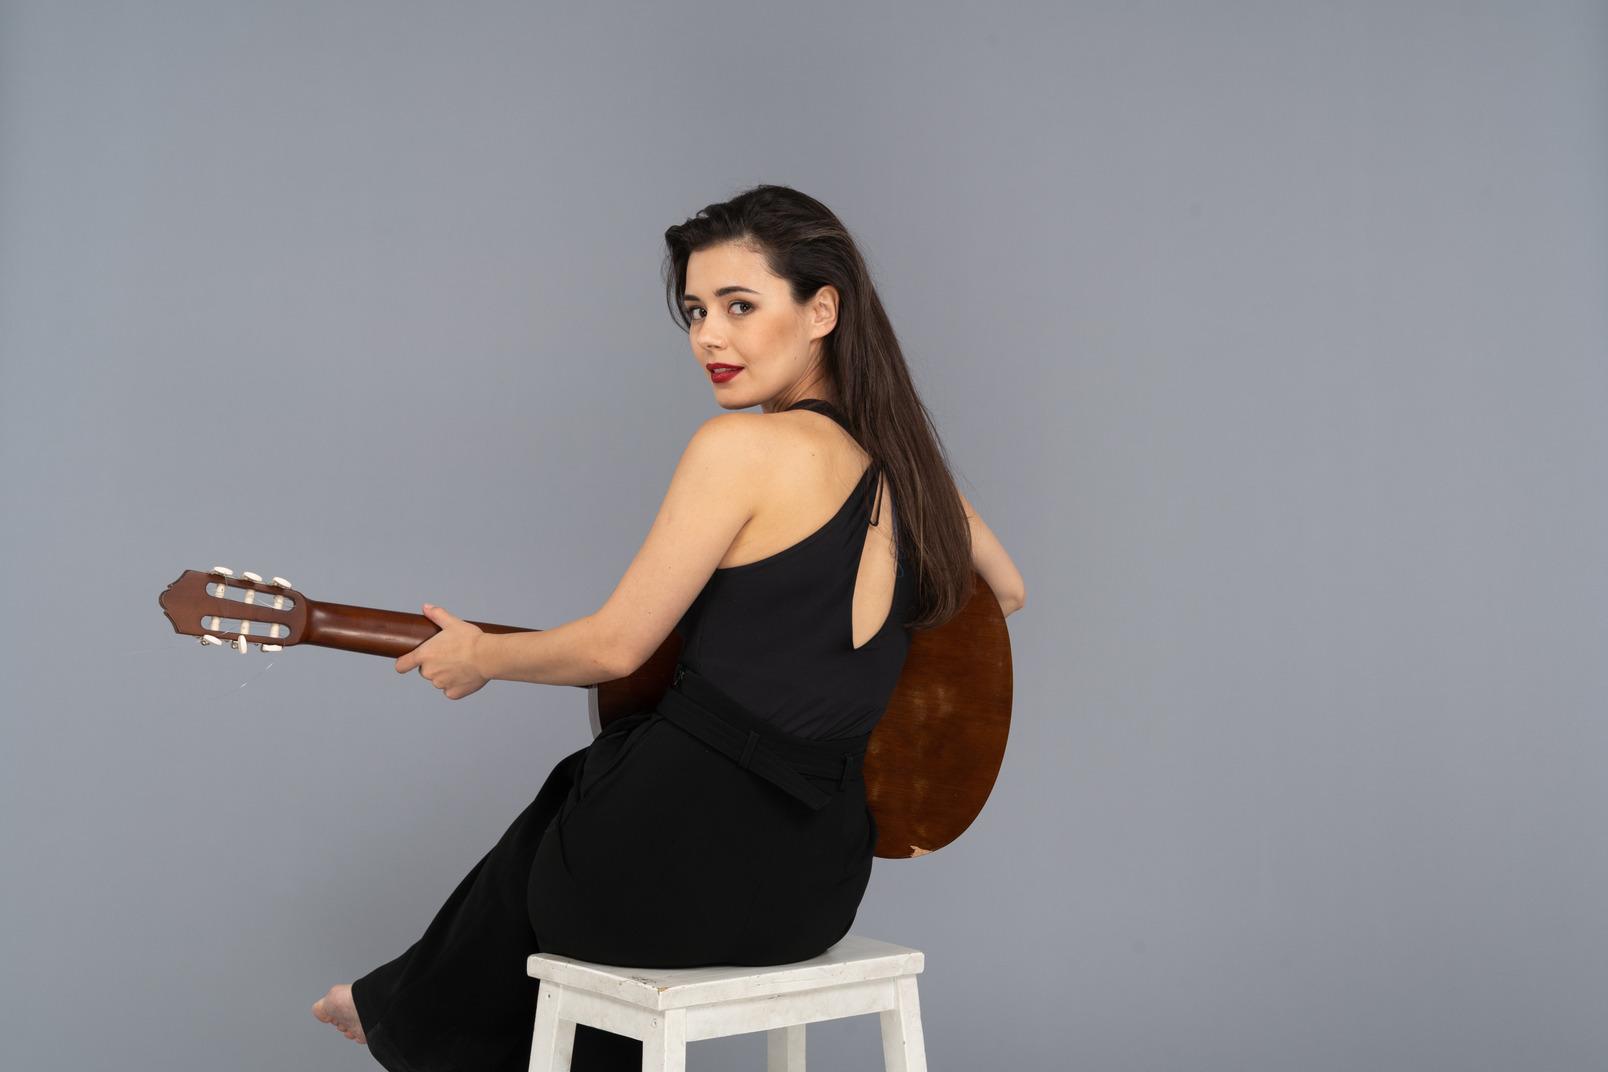 Rückansicht einer sitzenden jungen dame im schwarzen anzug, die die gitarre hält, während sie sich abwendet